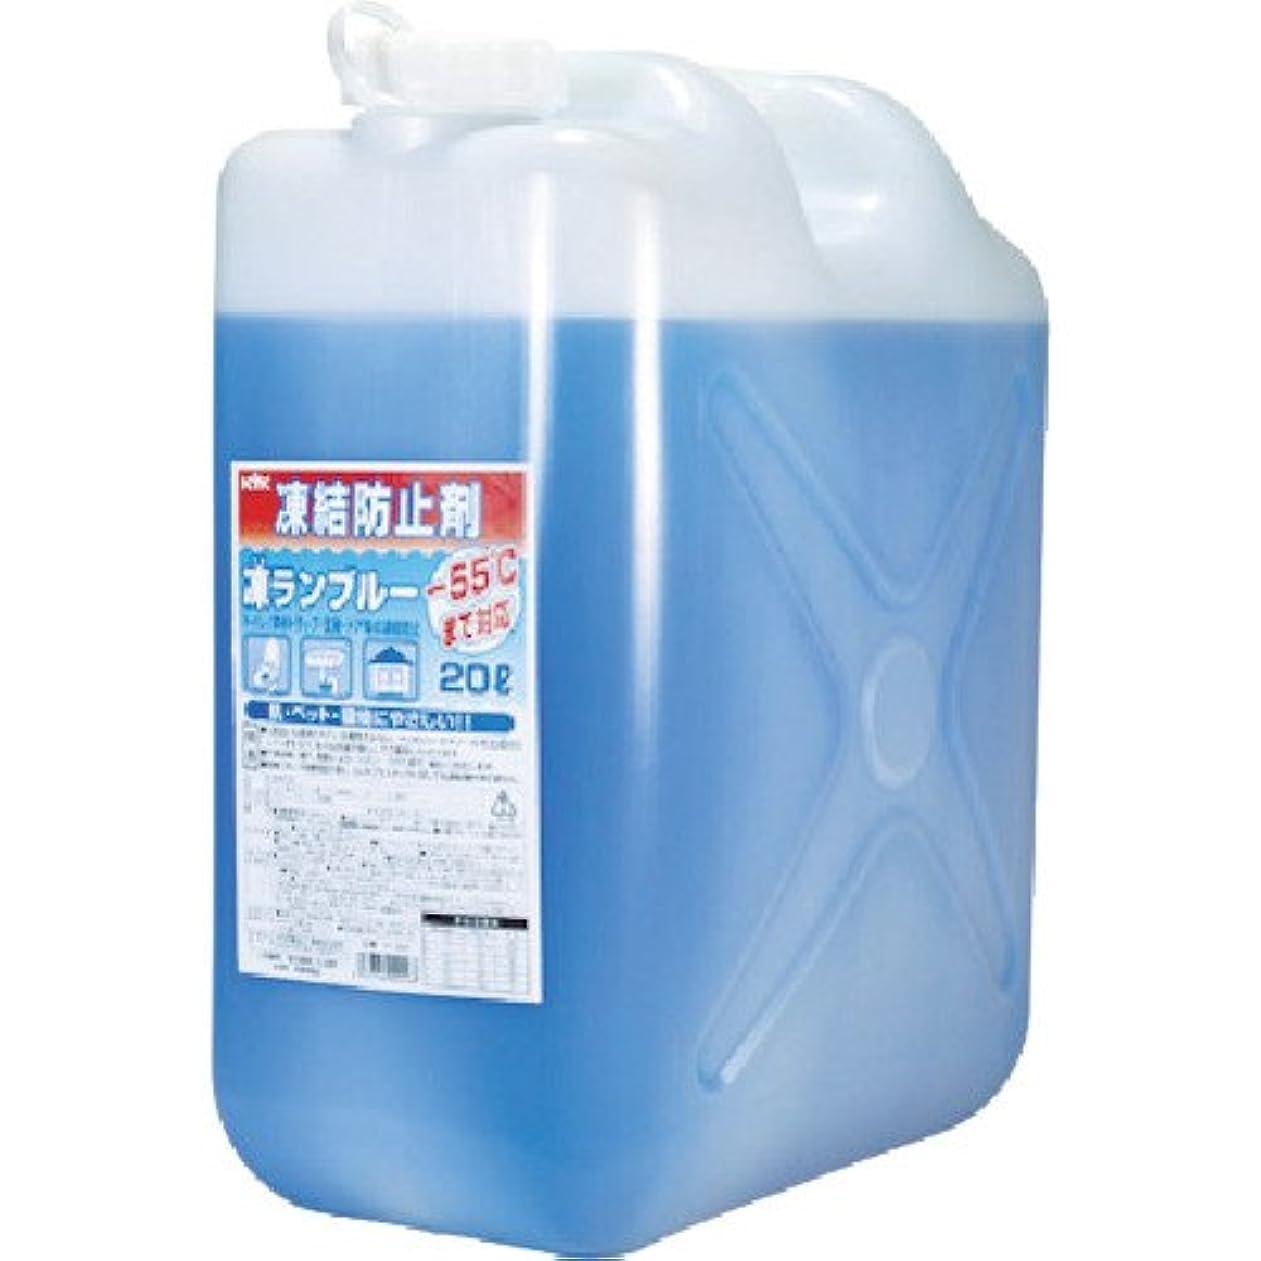 タイマー広く非公式古河薬品工業(KYK) 住宅用凍結防止剤 凍ランブルー 20Lポリ 品番 41-201